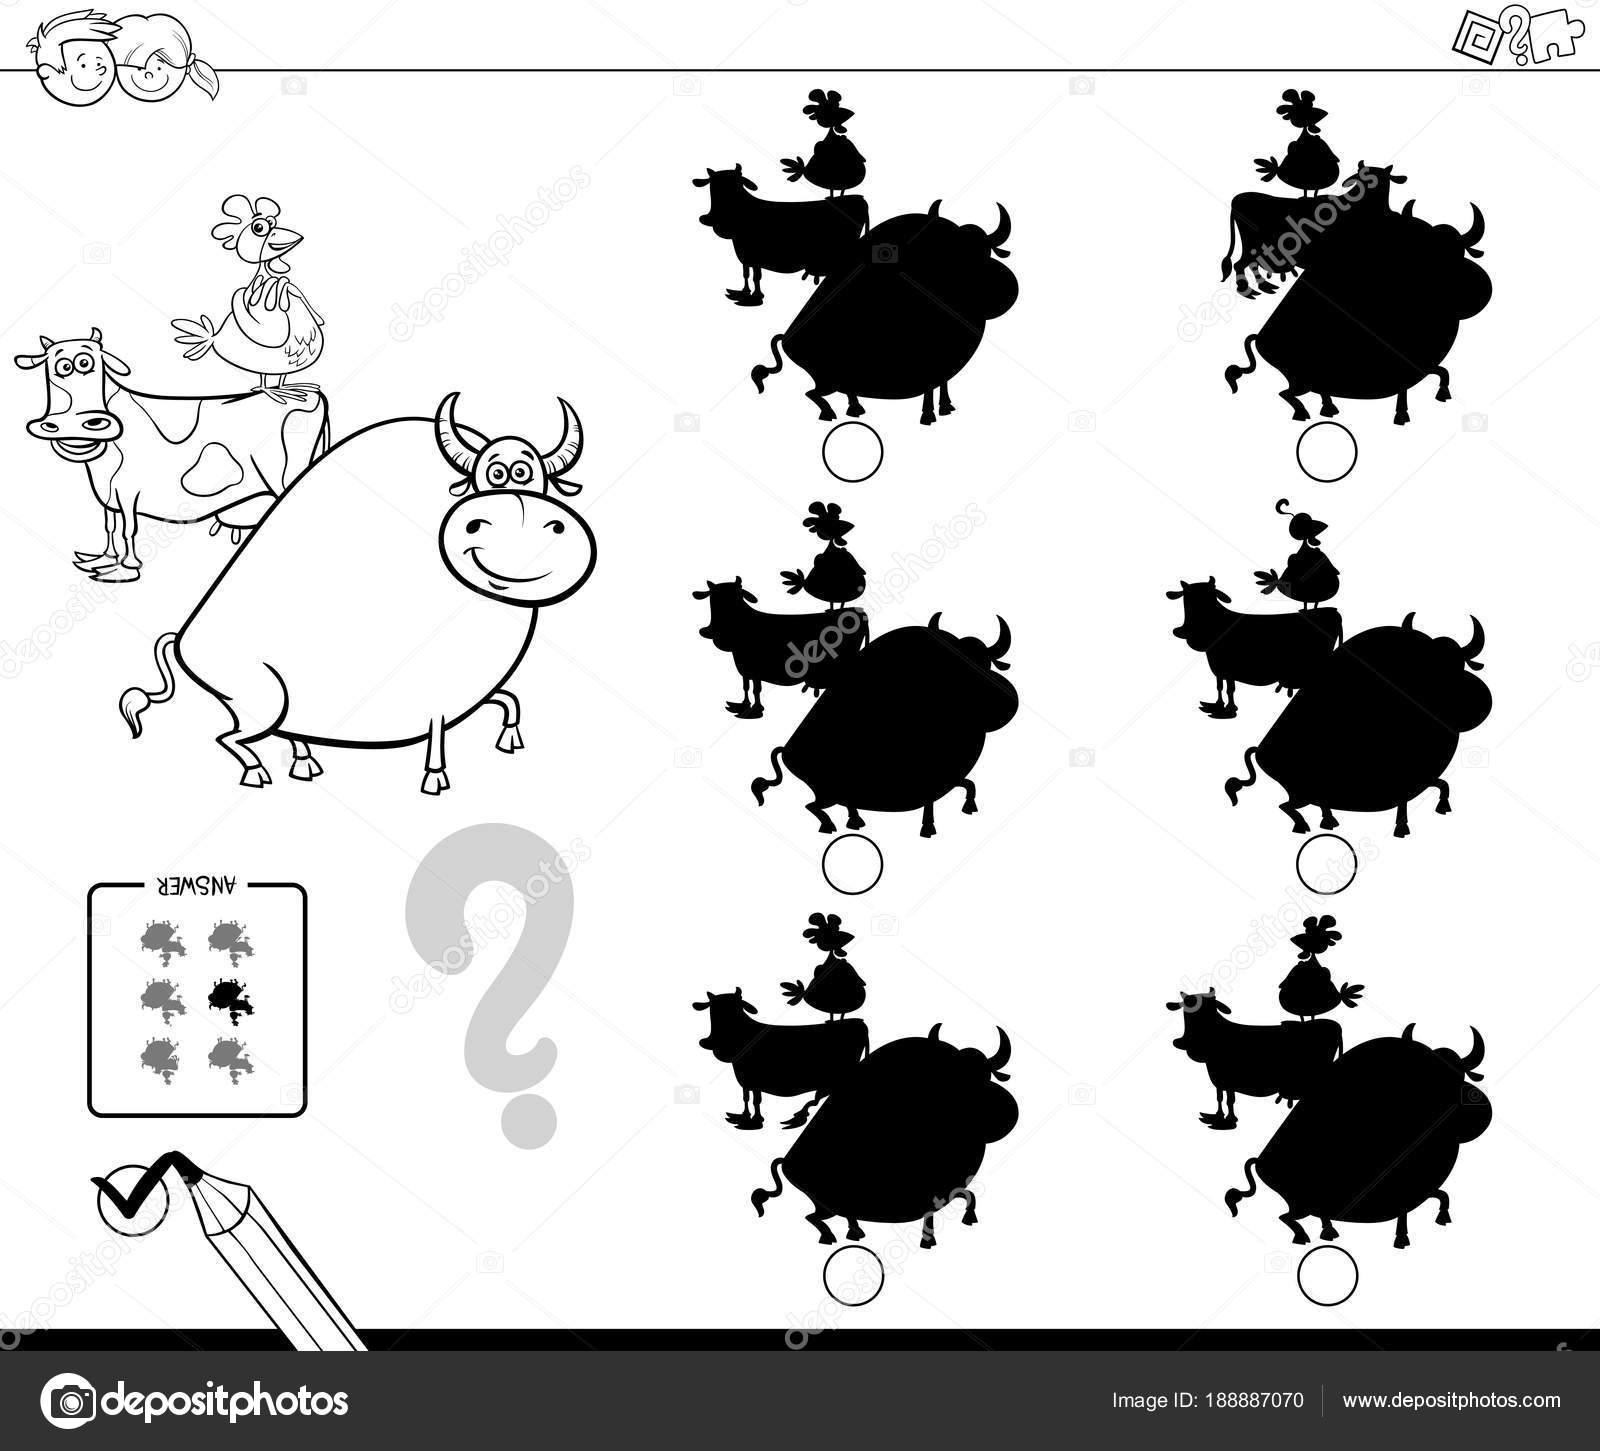 kleurplaten dieren spelletjes